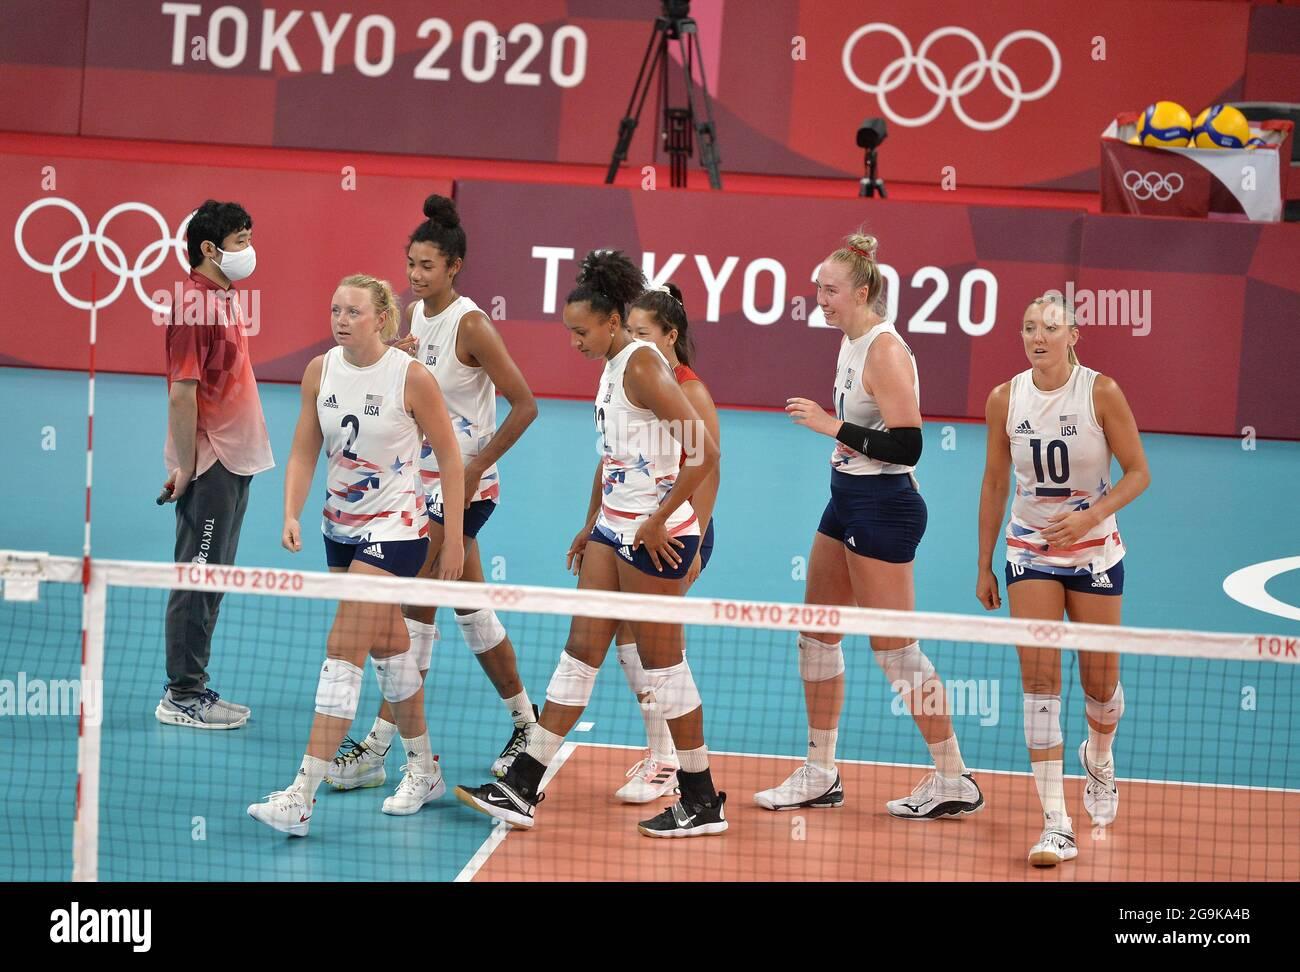 Tokio, Japan. Juli 2021. US-Teammitglieder verlassen das Spielfeld, nachdem sie China in zwei Sätzen besiegt haben, 29-27 und 25-22 im Volleyball-Wettbewerb der Frauen gegen China bei den Olympischen Spielen 2020 in Tokio, Dienstag, den 27. Juli 2021, in Tokio, Japan. Foto von Mike Theiler/UPI Credit: UPI/Alamy Live News Stockfoto